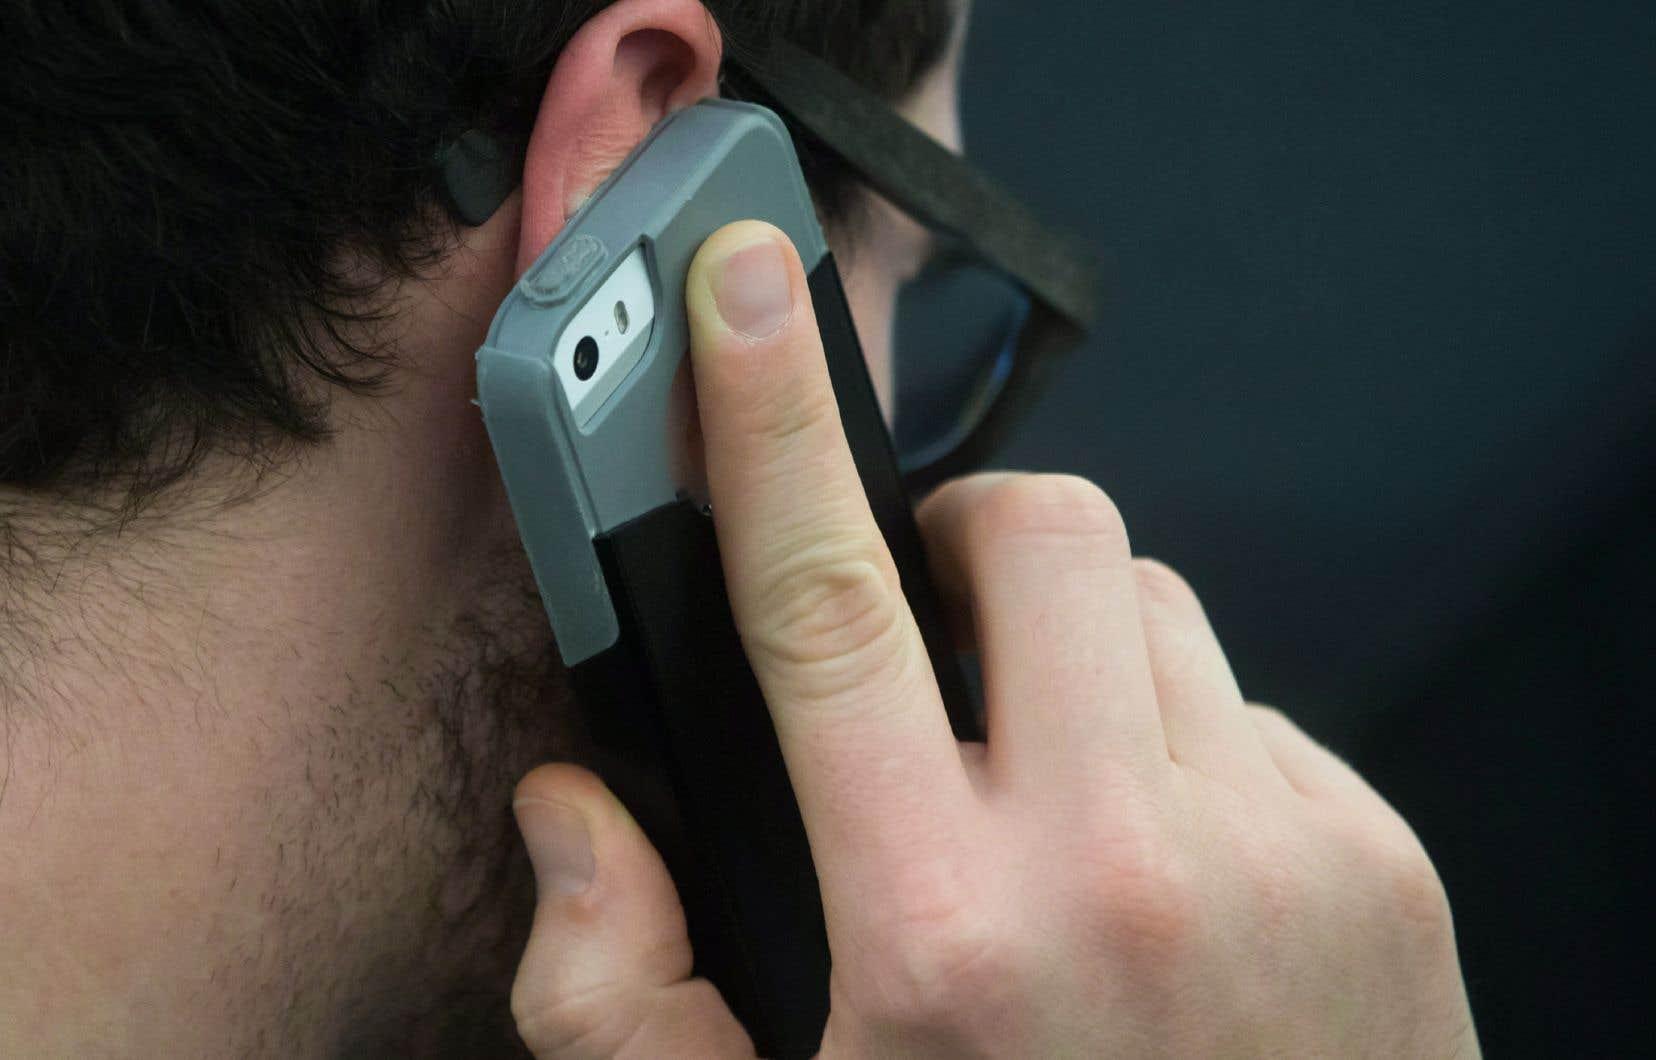 Les consommateurs ont déposé environ 8600 plaintes en règle entre le 1eraoût 2019 et le 31janvier 2020, quatre problèmes sur dix étant liés au service de téléphonie sans-fil.